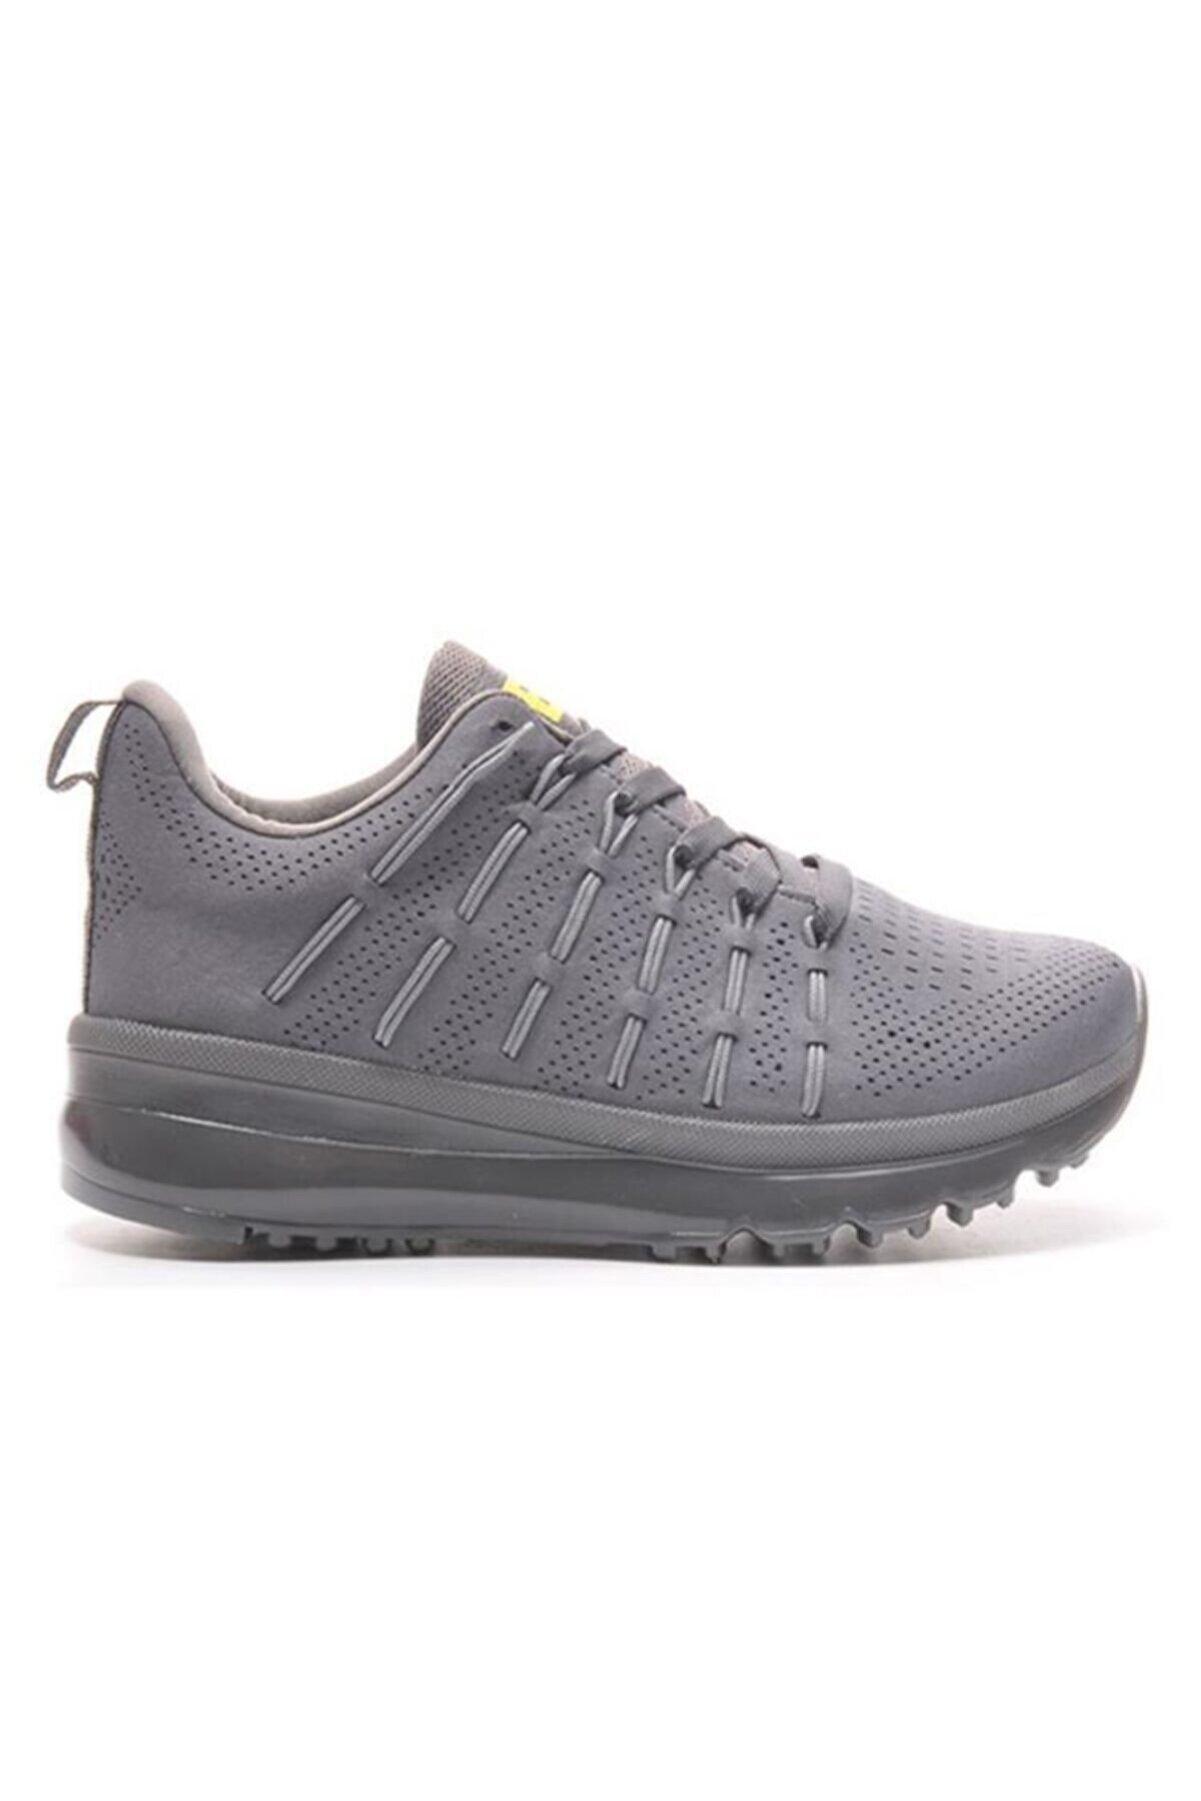 Bulldozer Unisex Sneaker Spor Ayakkabı 211903